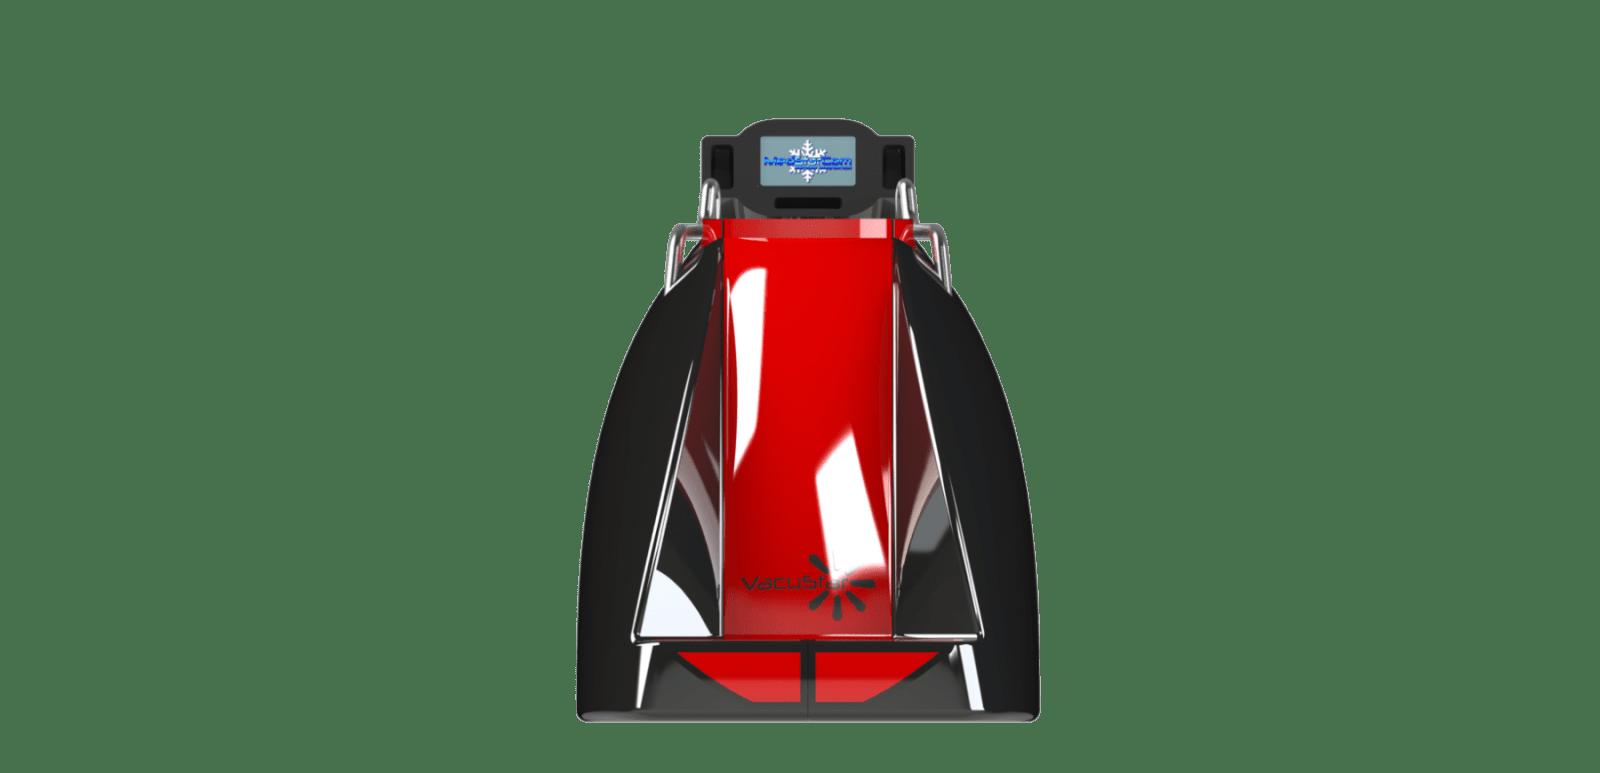 VacuStar treadmill